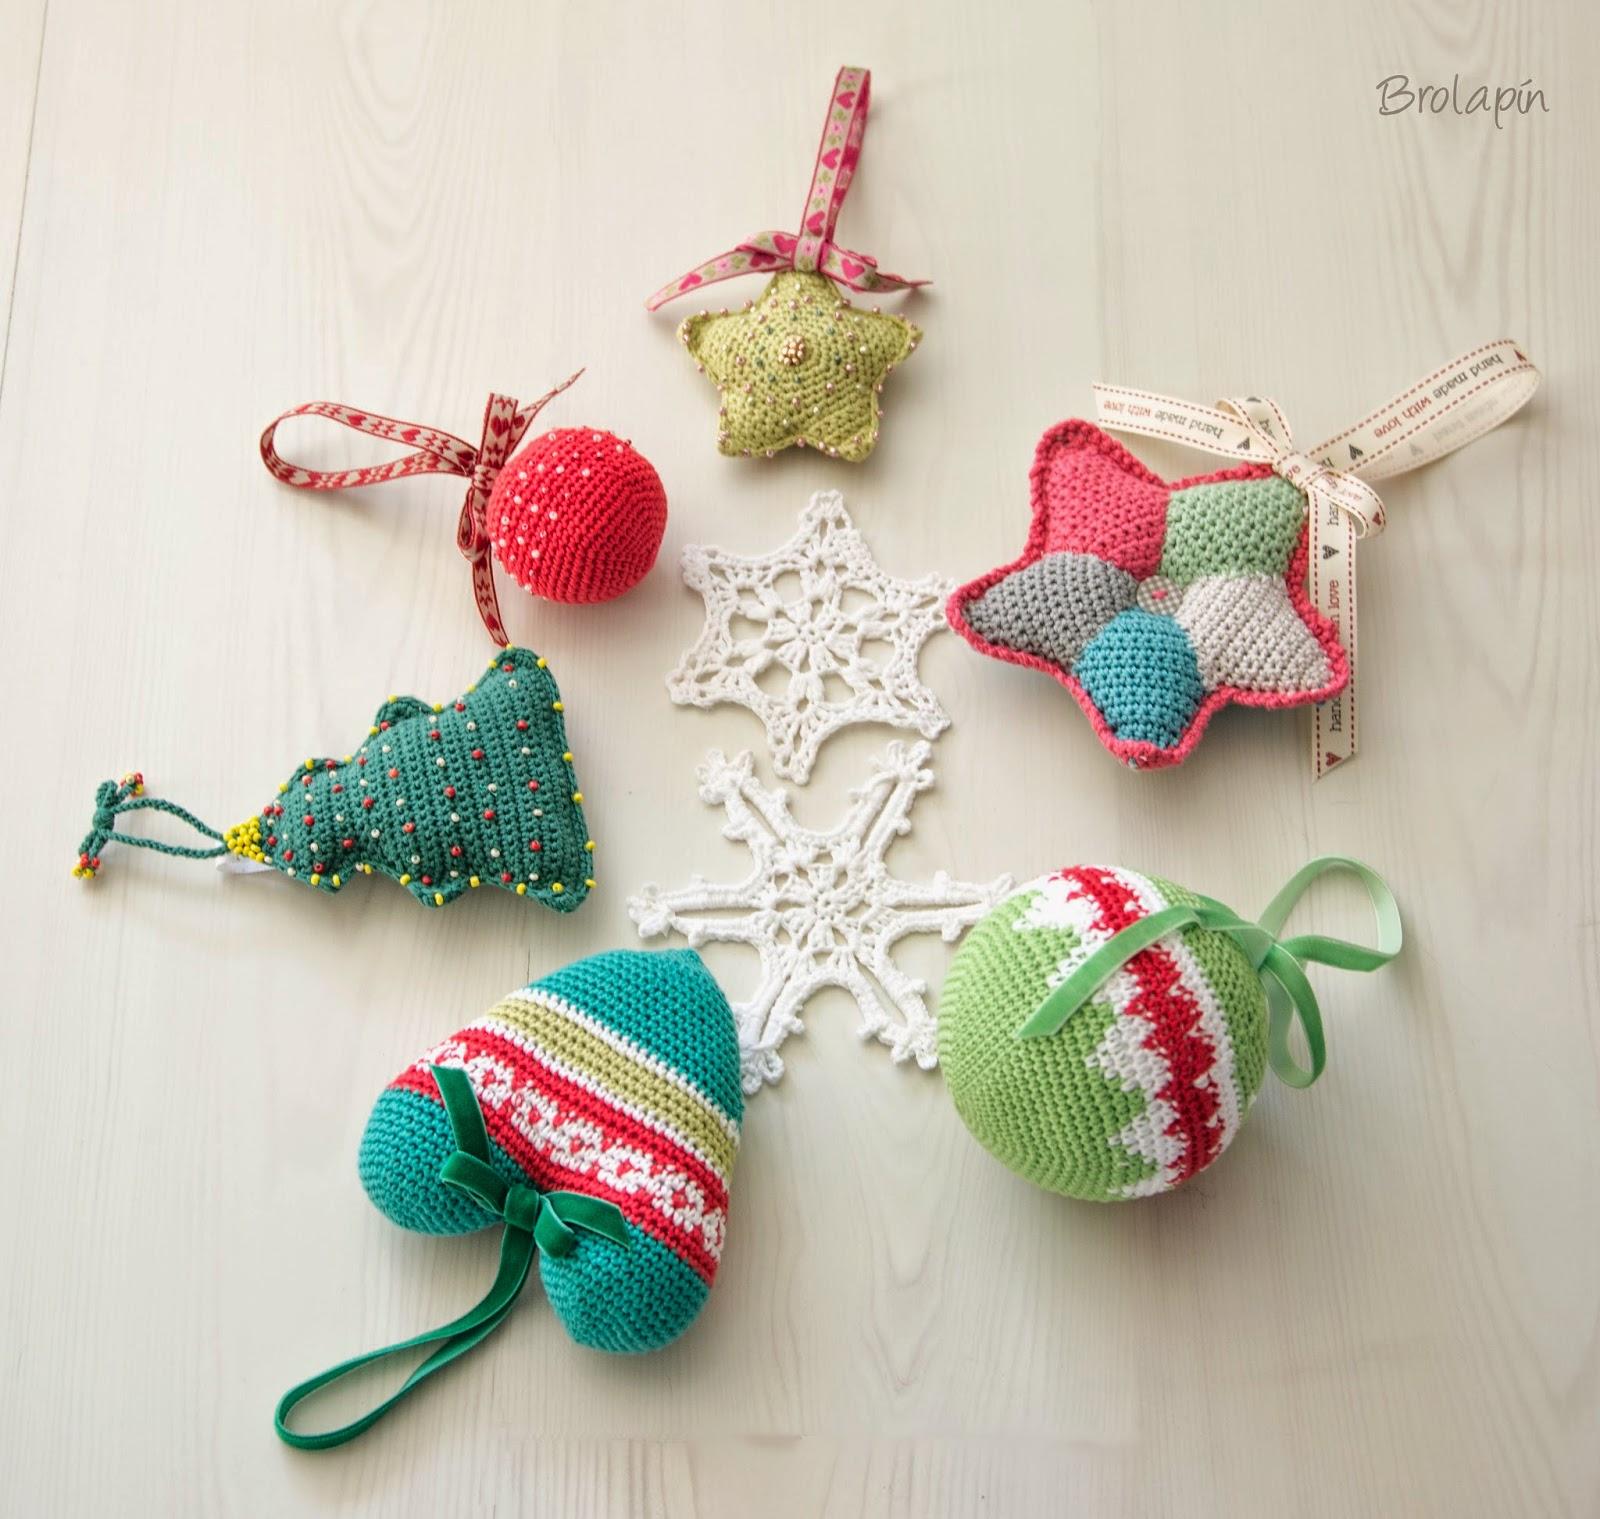 Adornos navidad 1 parte brolapin el blog de las - Adornos de navidad 2014 ...